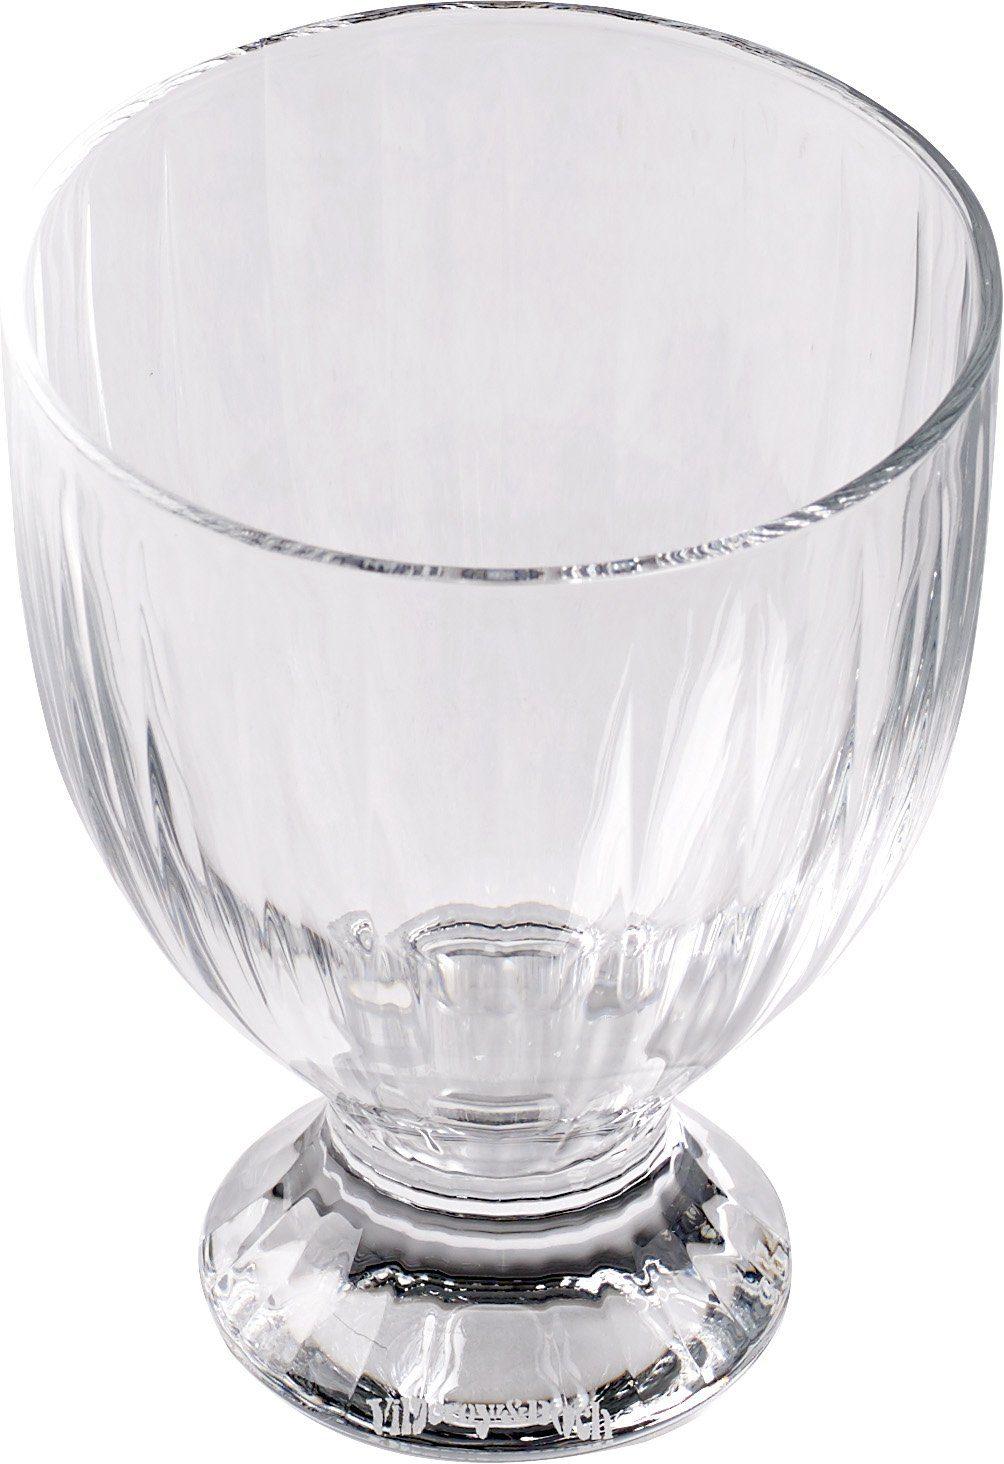 Villeroy & Boch Weinglas klein »Artesano Original Glass«